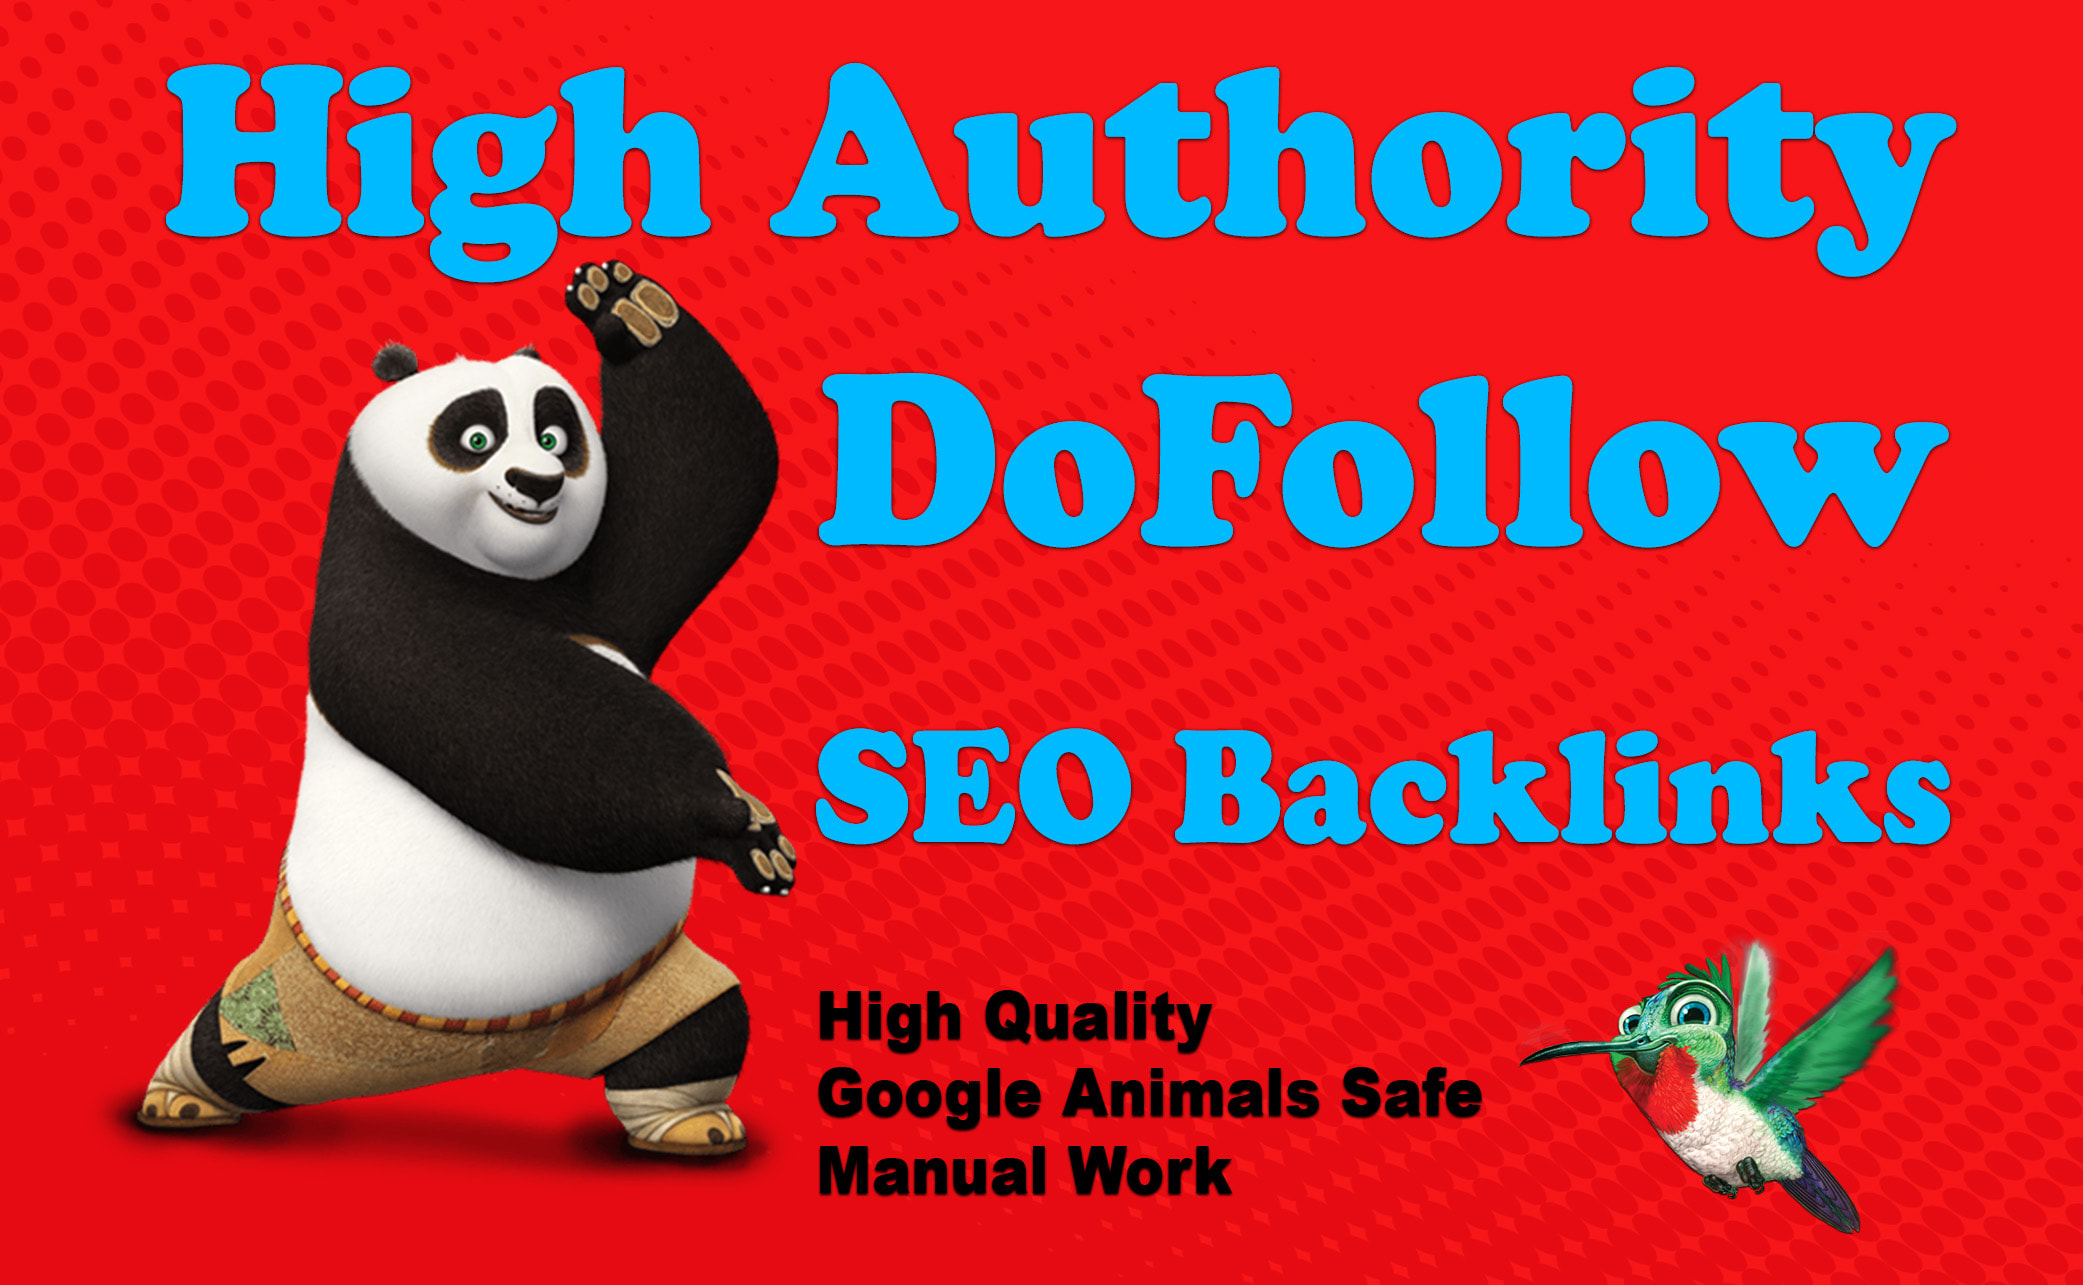 Add create manually da 100 dofollow seo backlinks